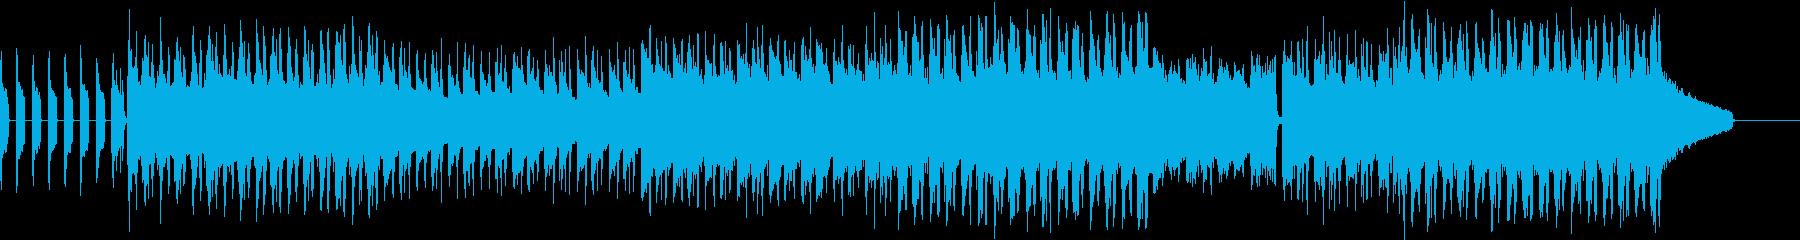 切ないチルアウト、エレクトロの再生済みの波形